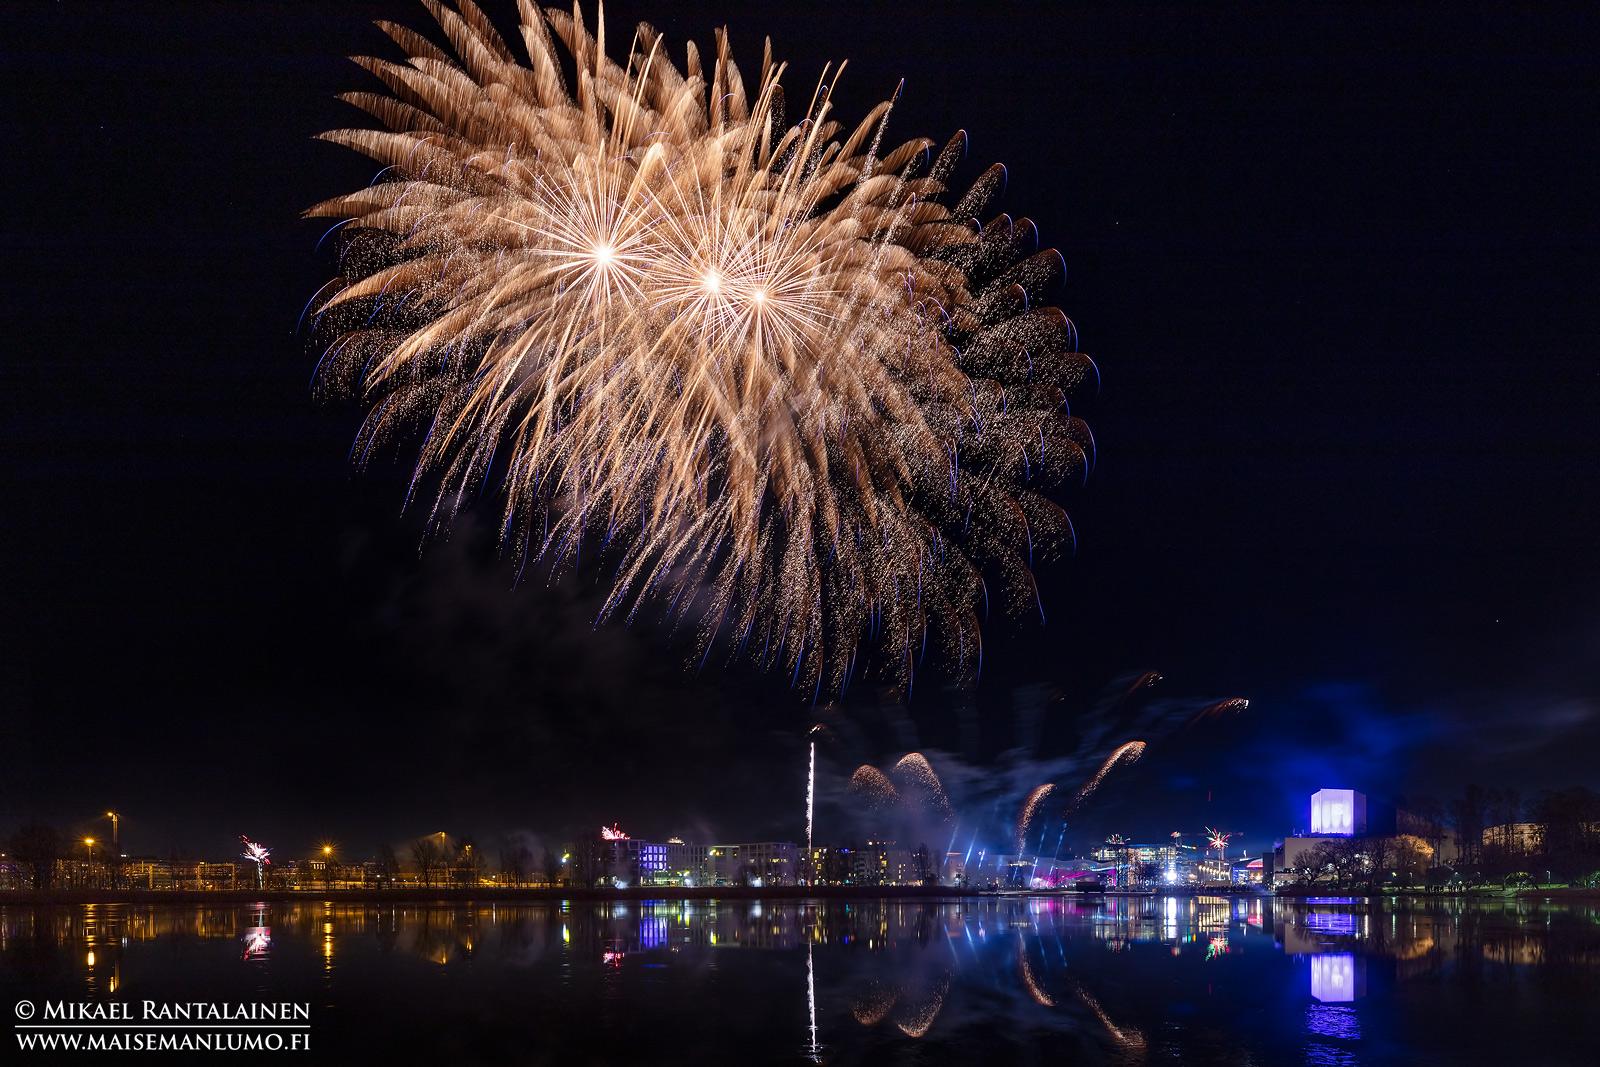 Helsingin uudenvuoden ilotulitus 2020 Töölönlahdella